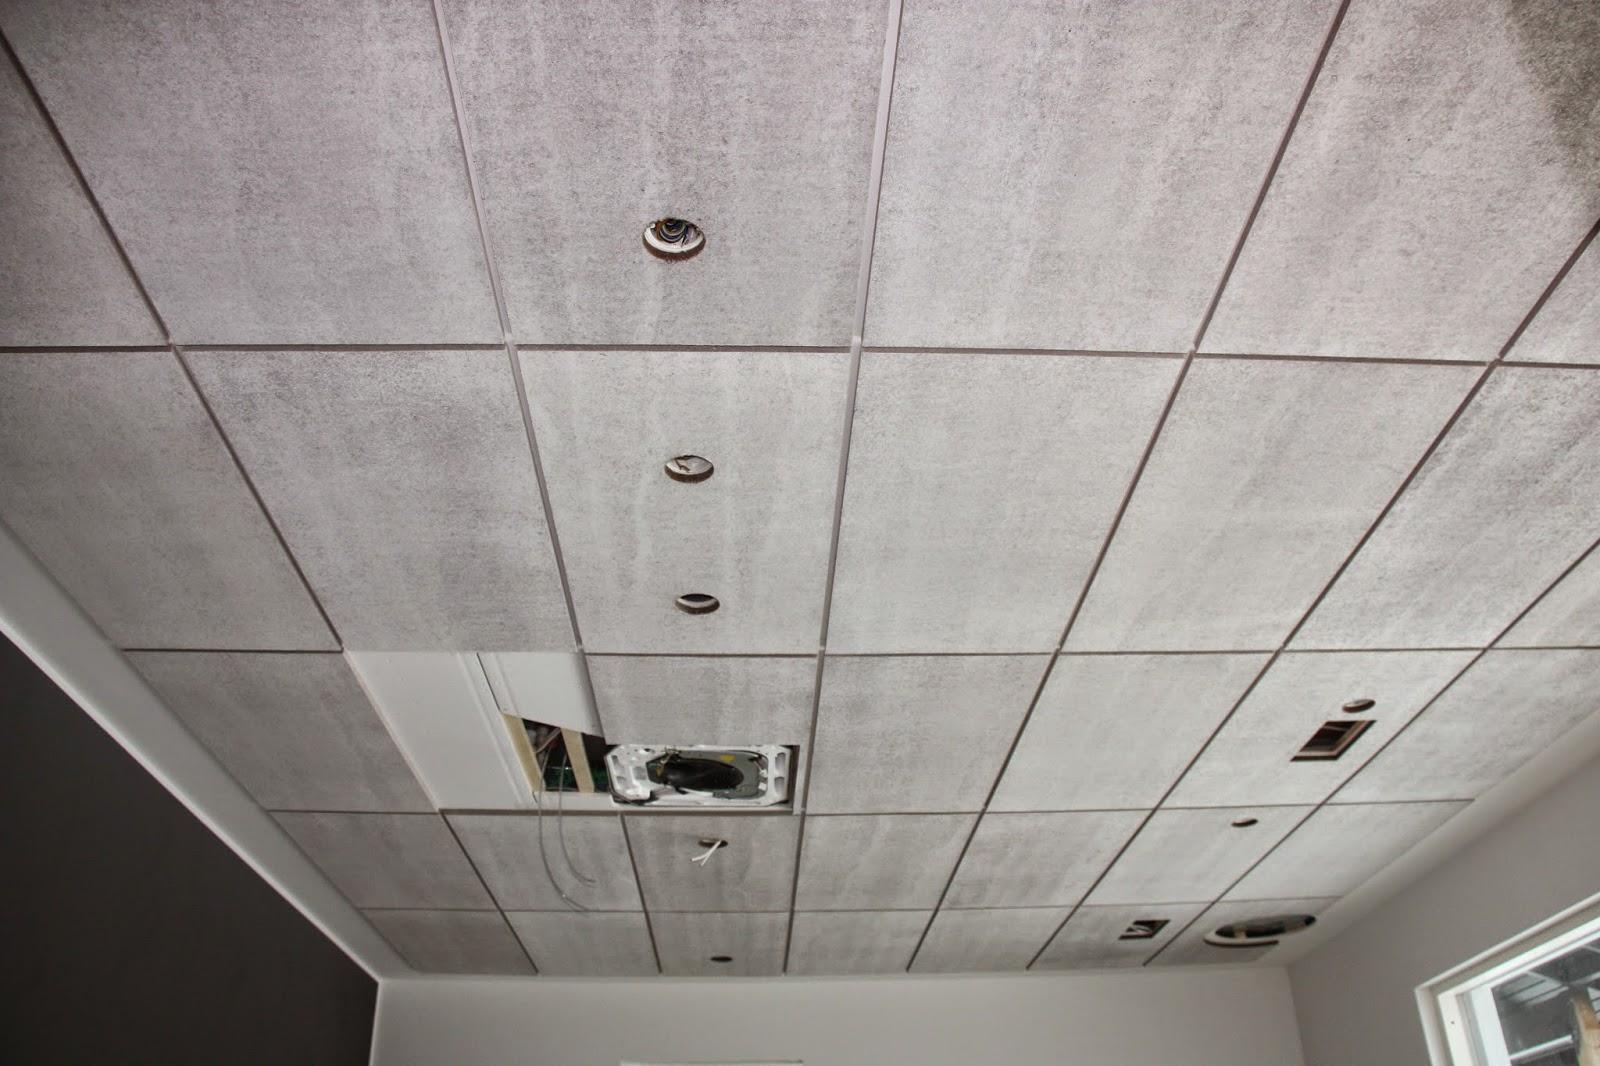 Konto akustiikkalevyt korkean tilan kattoon asennettuina.